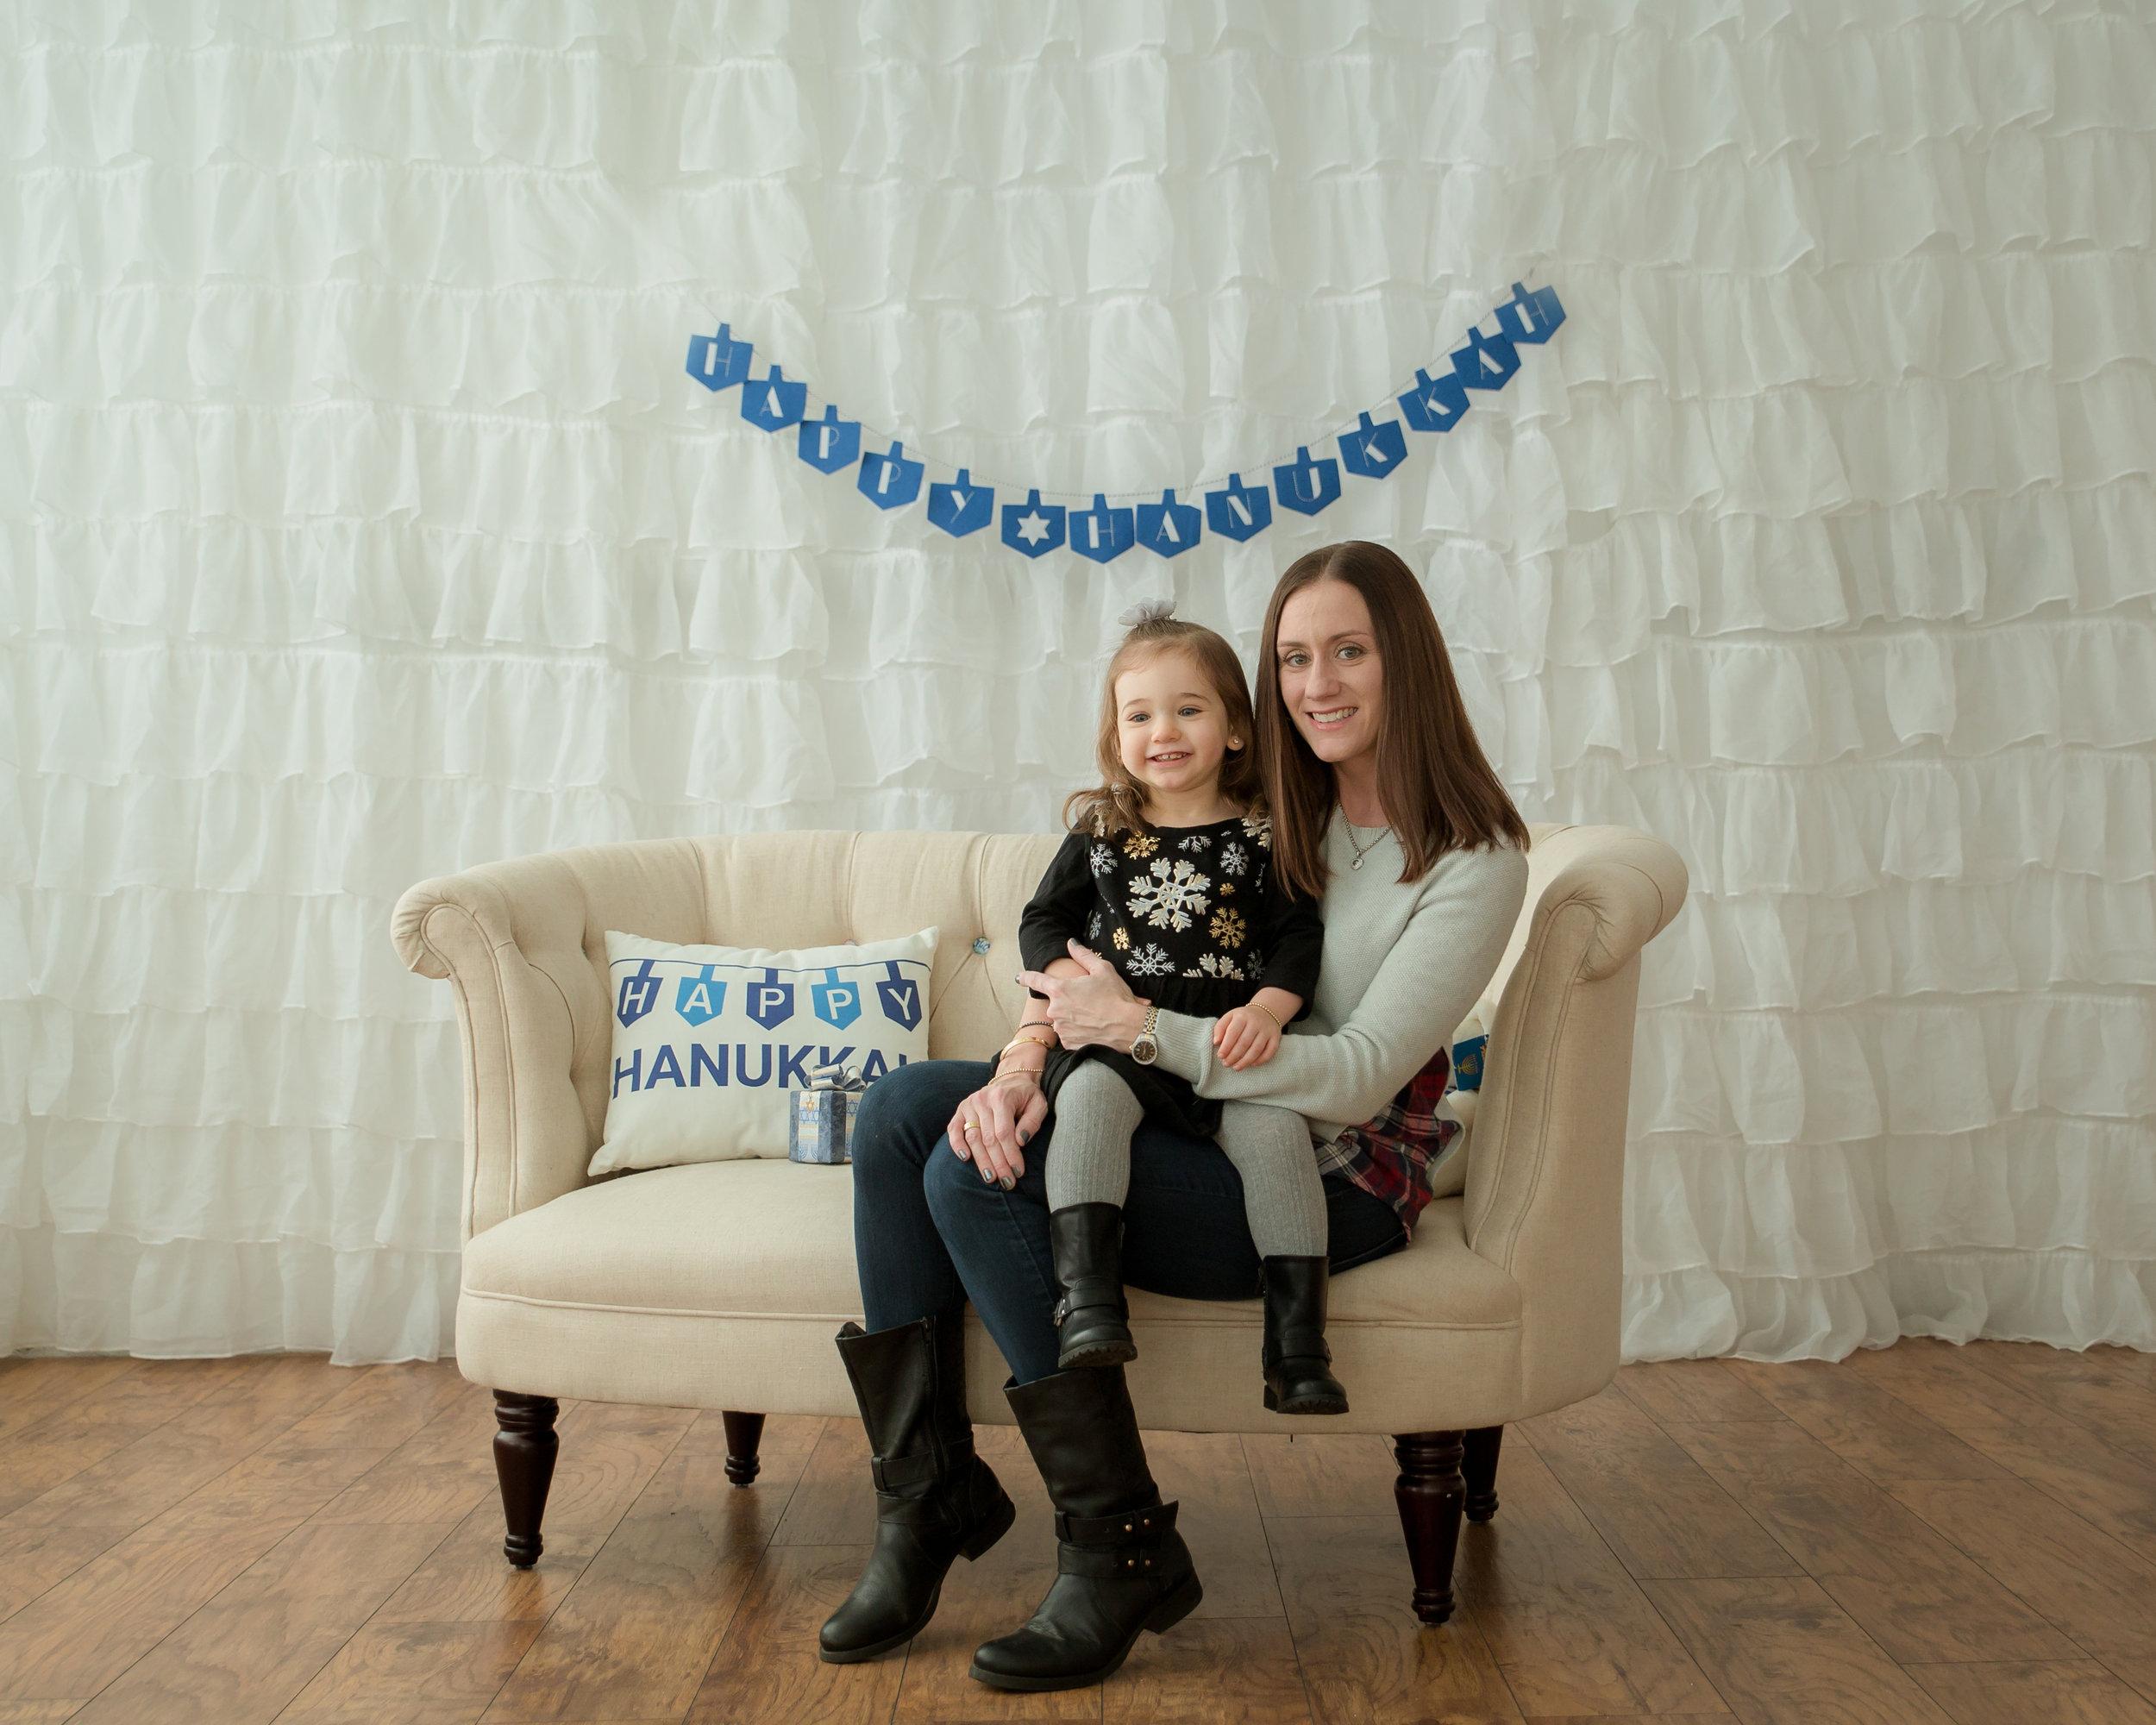 big smile for hanukkah